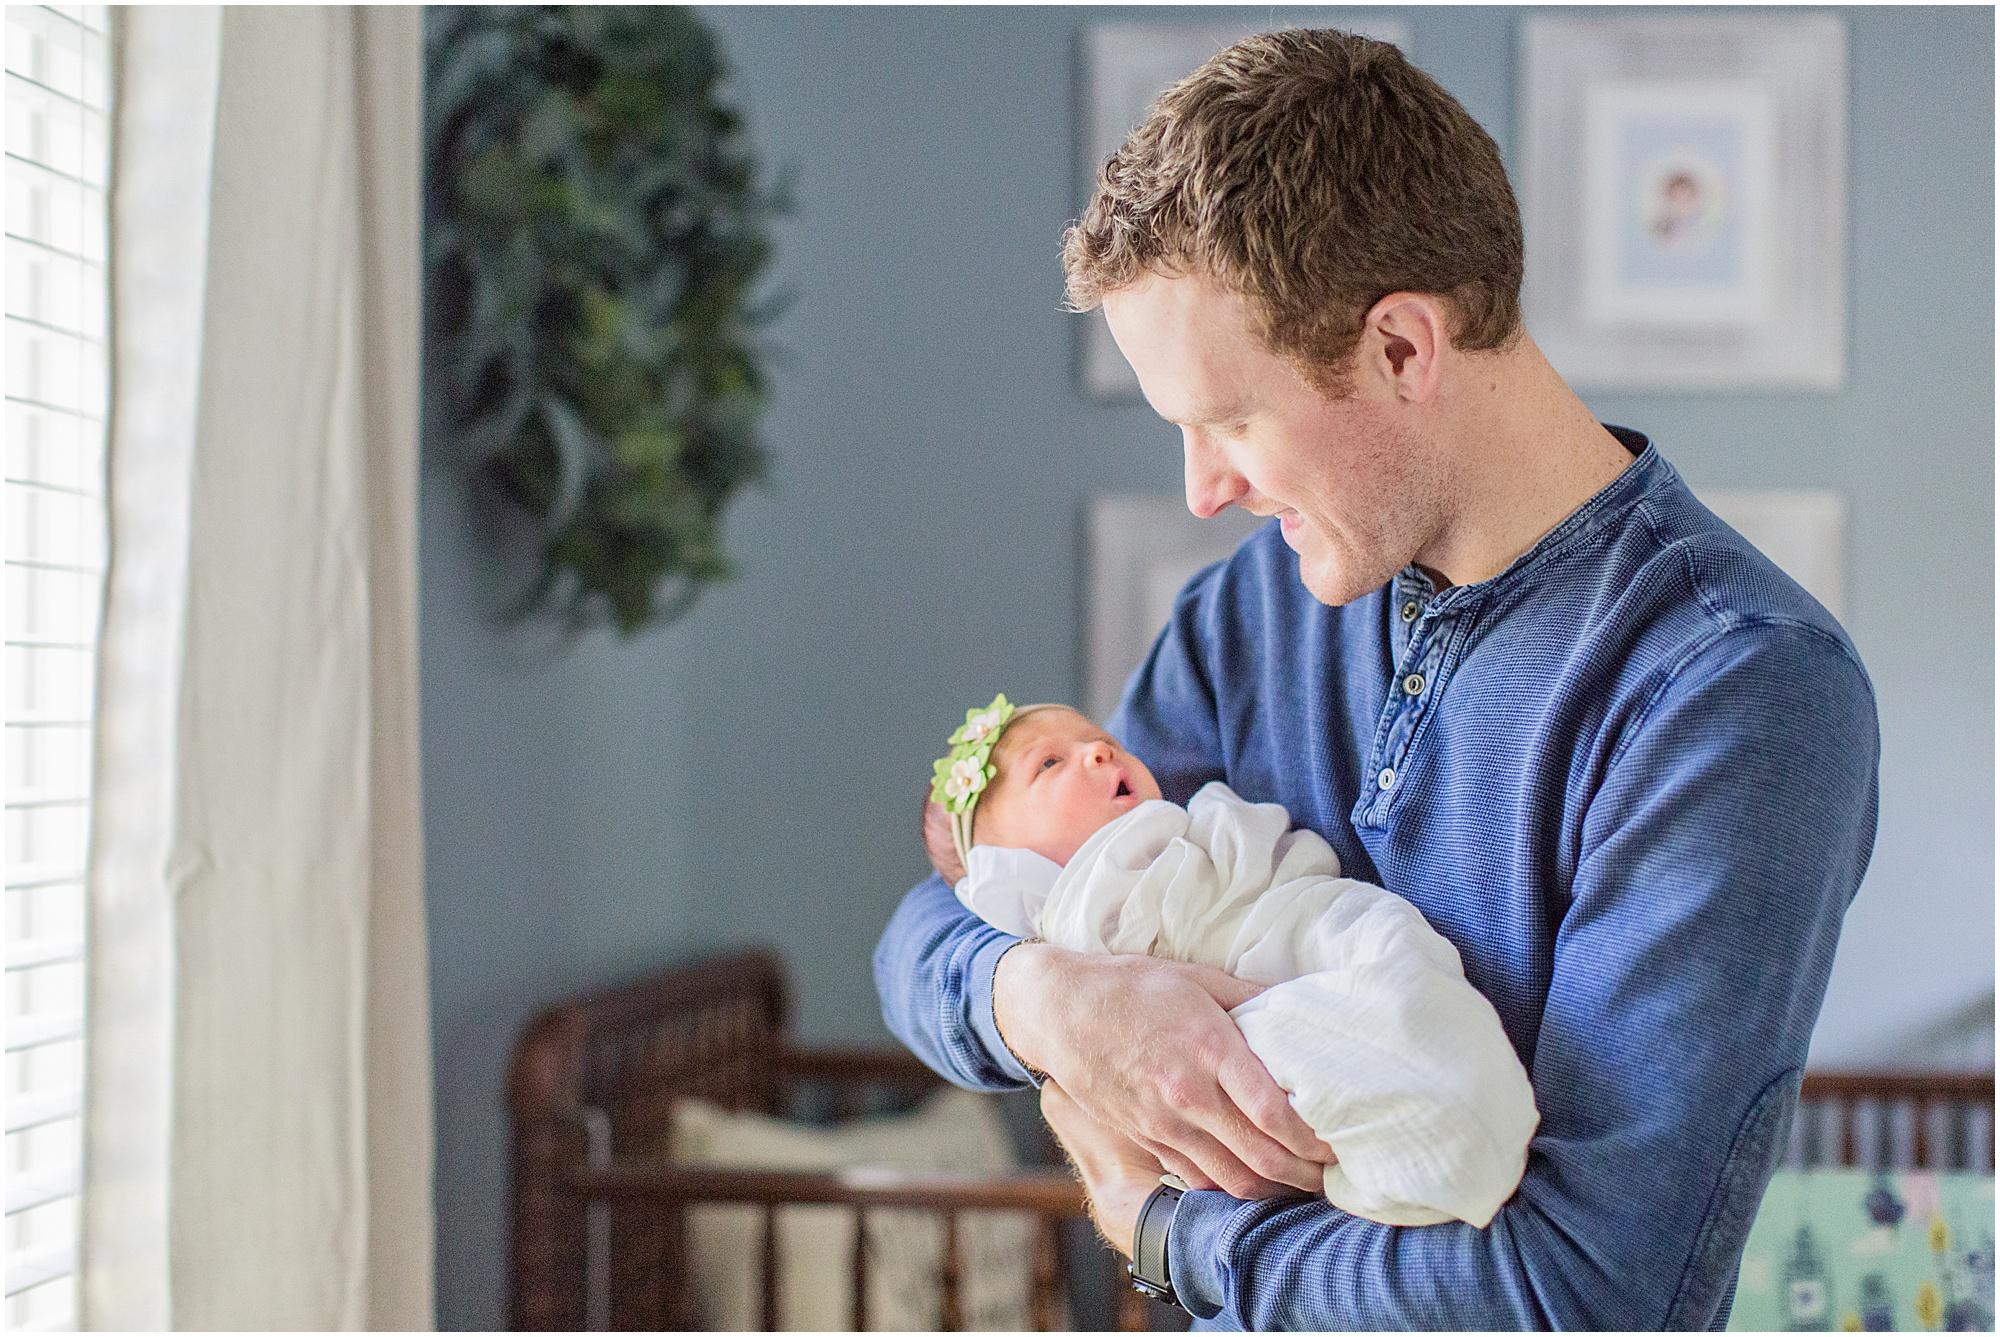 mississippi-newborn-family-photographer_0013.jpg